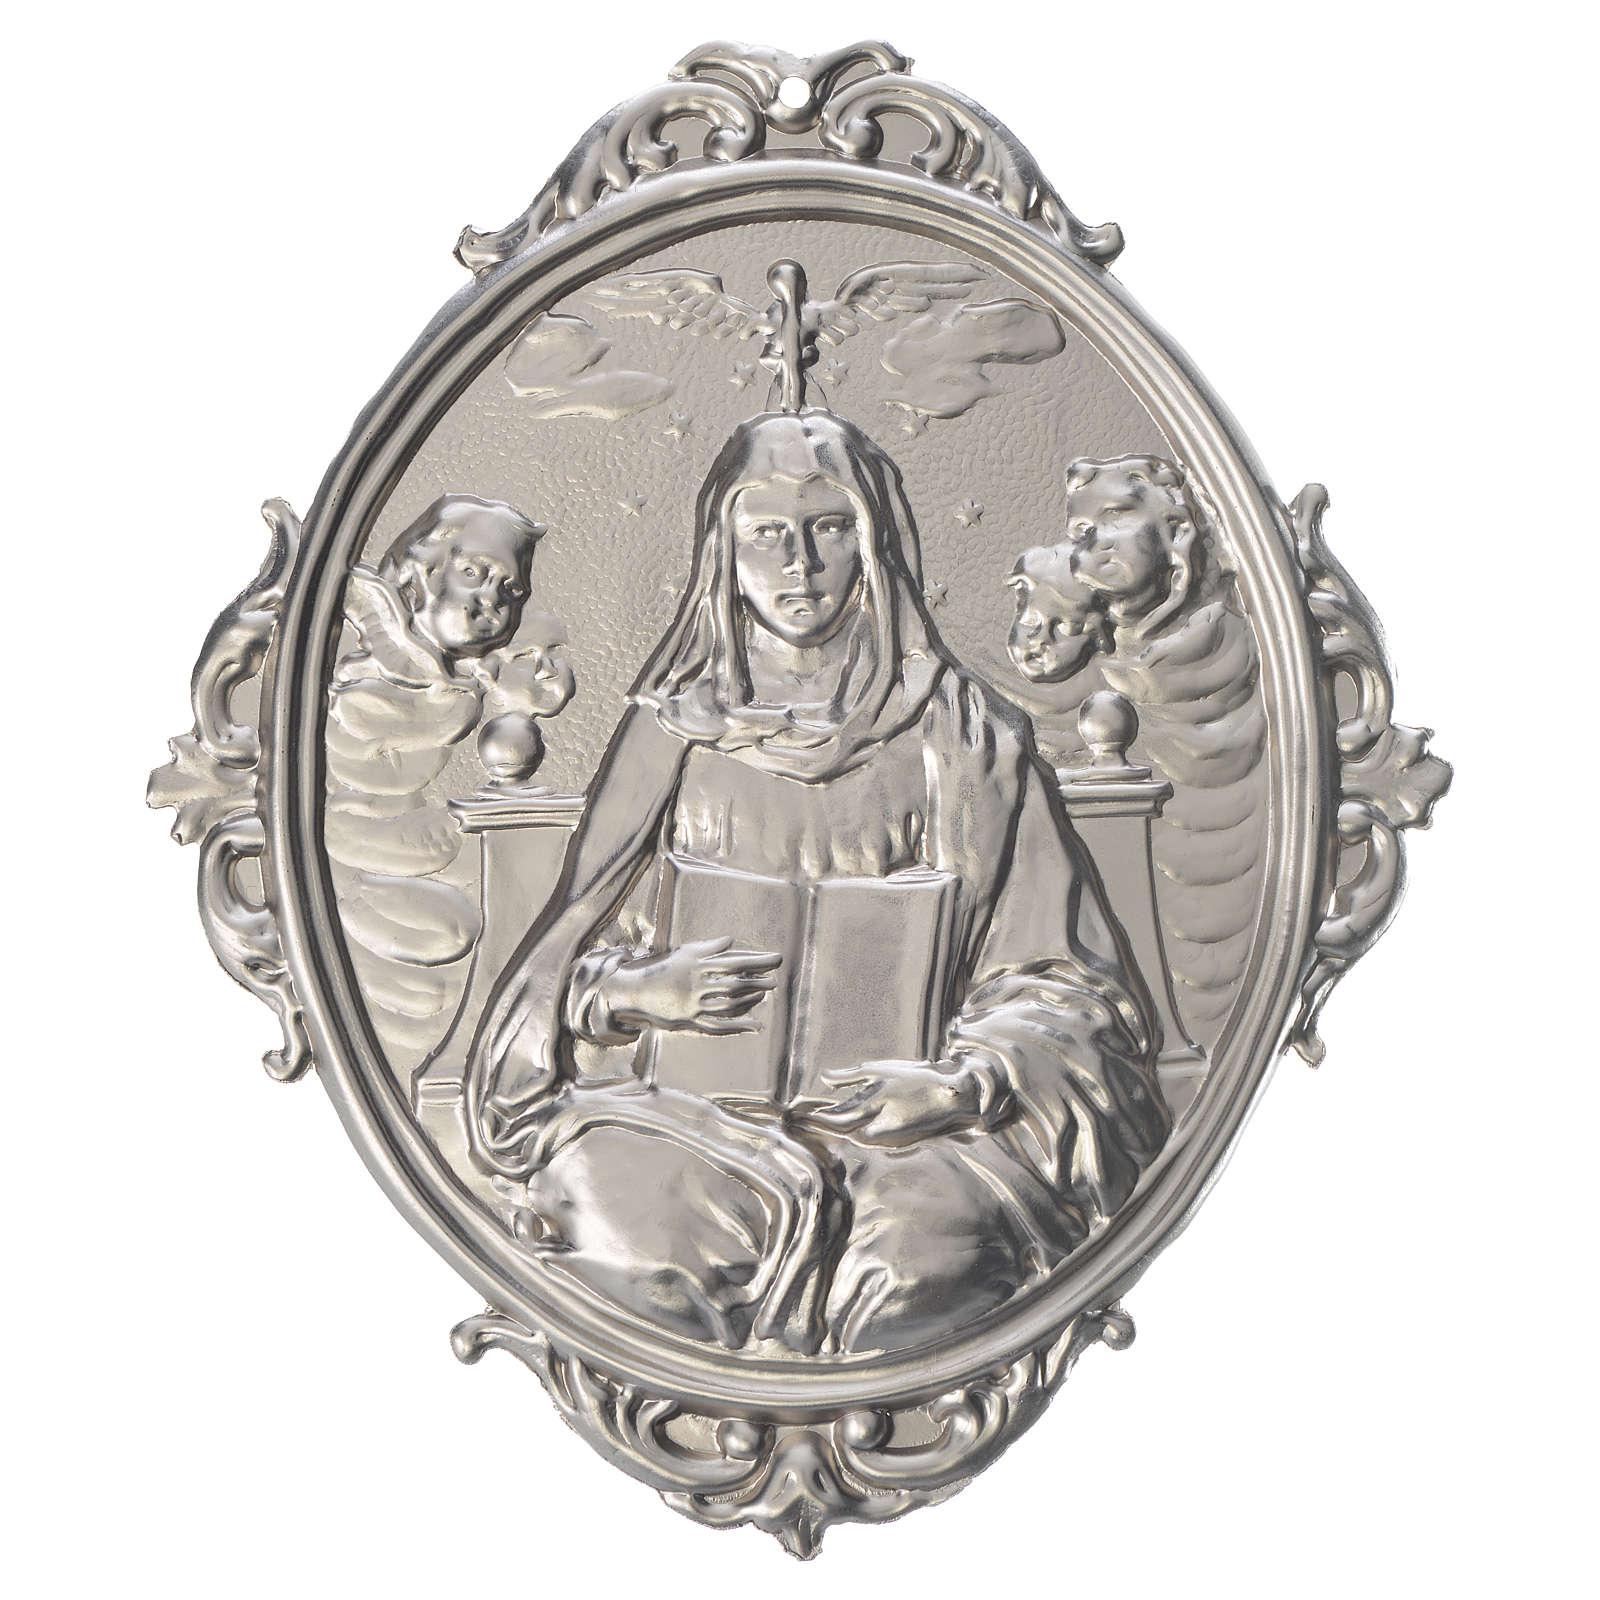 Medaglione confraternita Madonna con libro ostensorio angeli 3